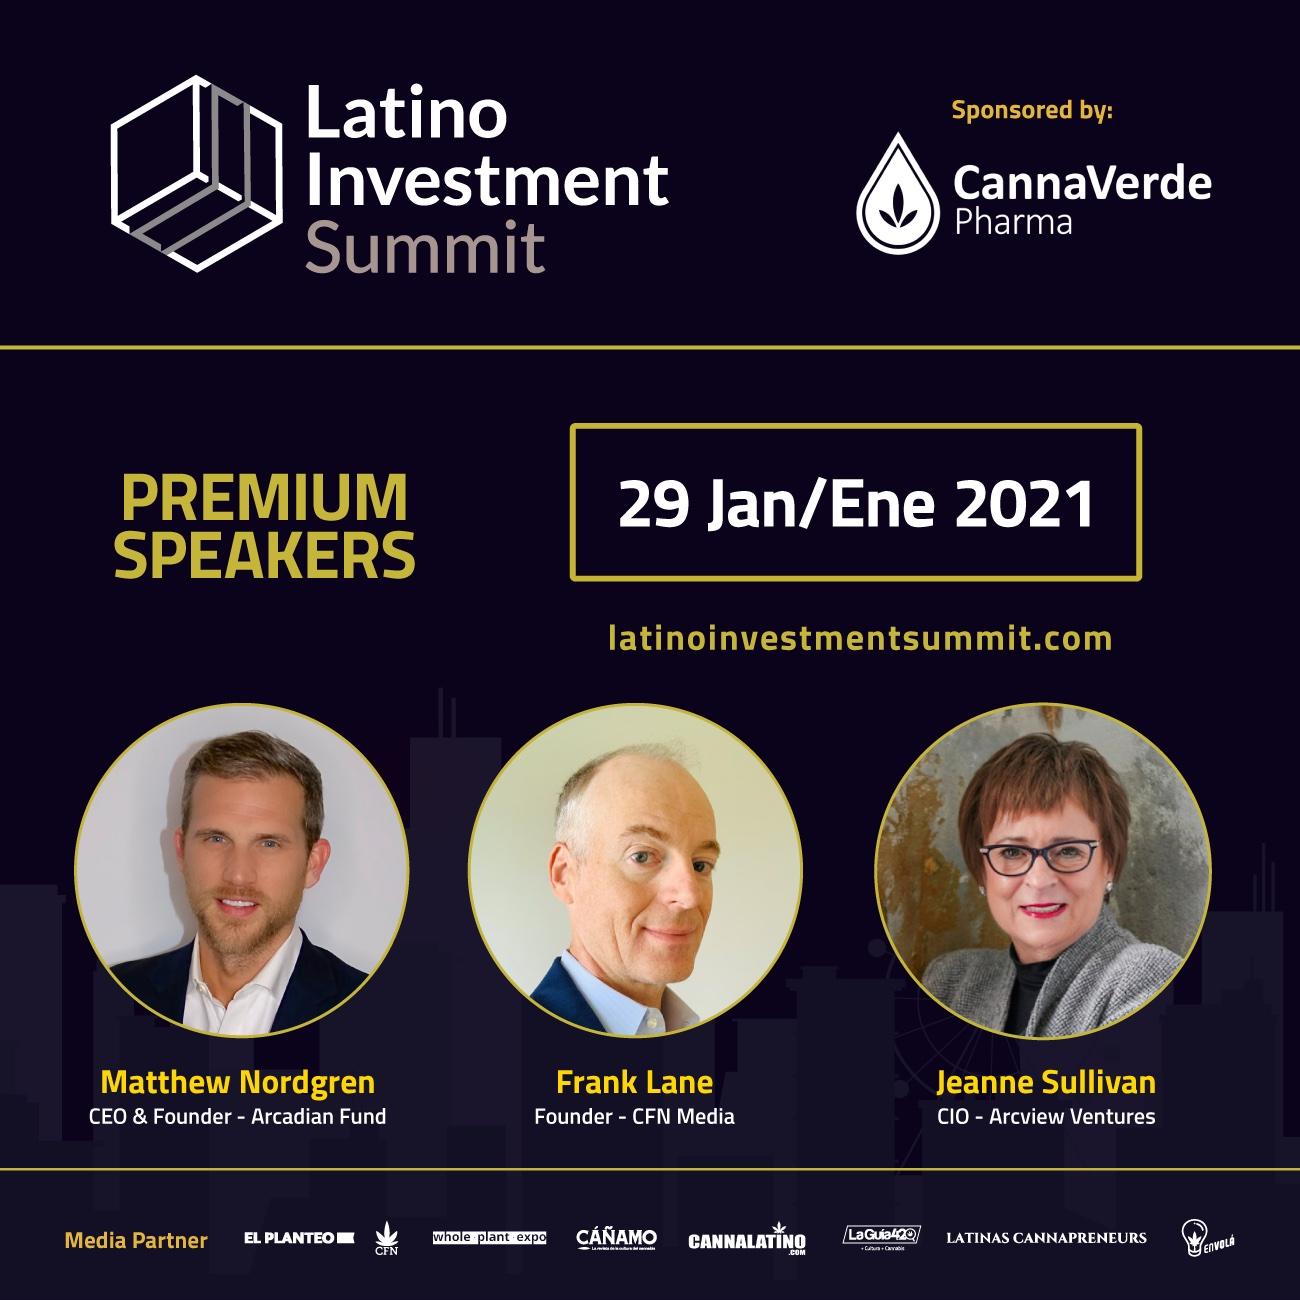 Latino Investment Summit V5 2021 - CannabizHub - Digital Pitch